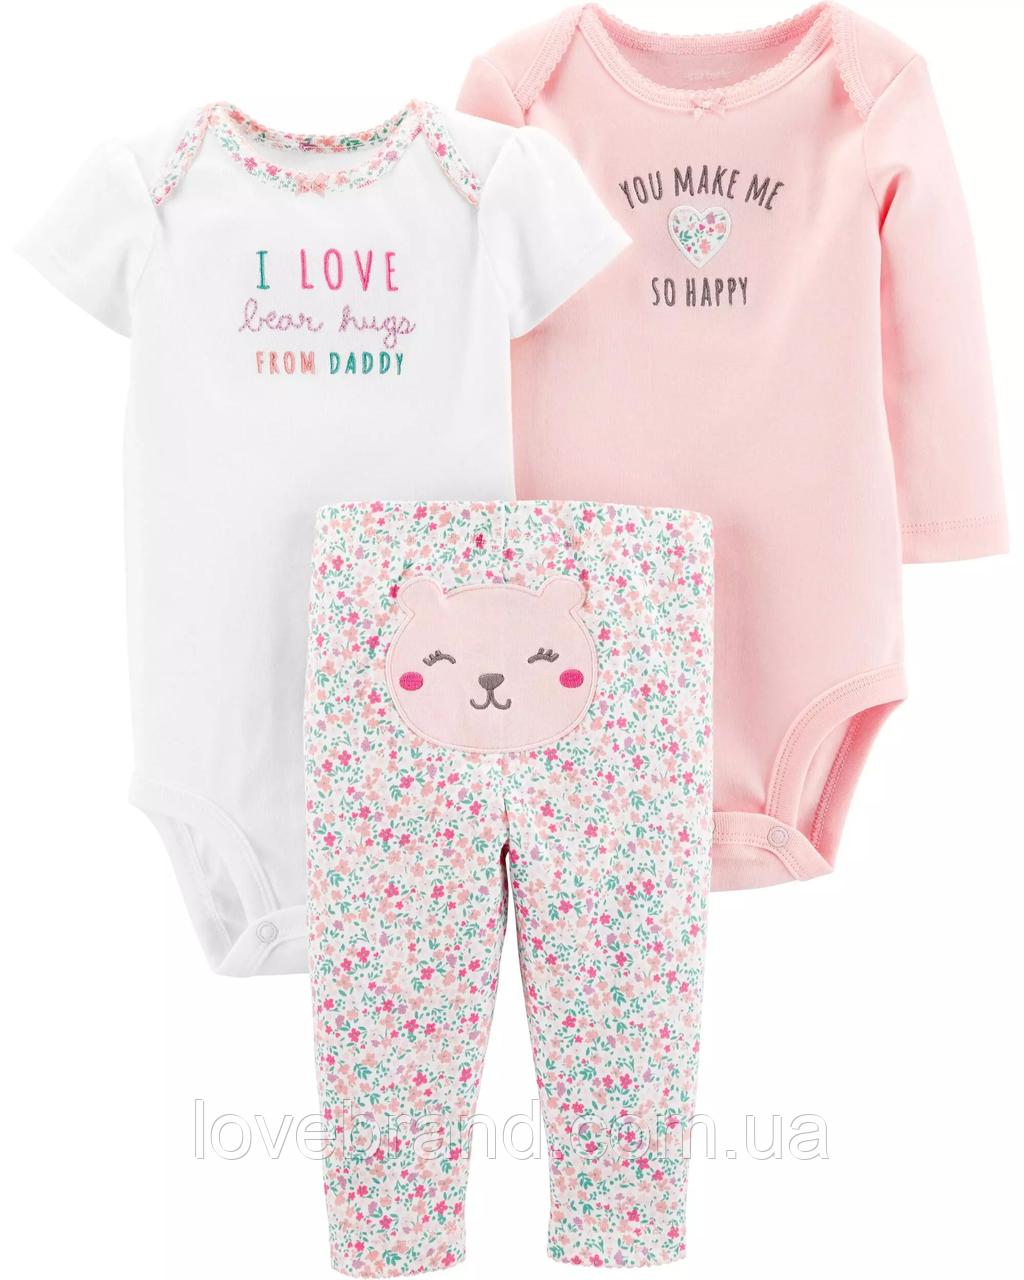 Набор для новорожденных девочек Carter's (картерс) Милашка